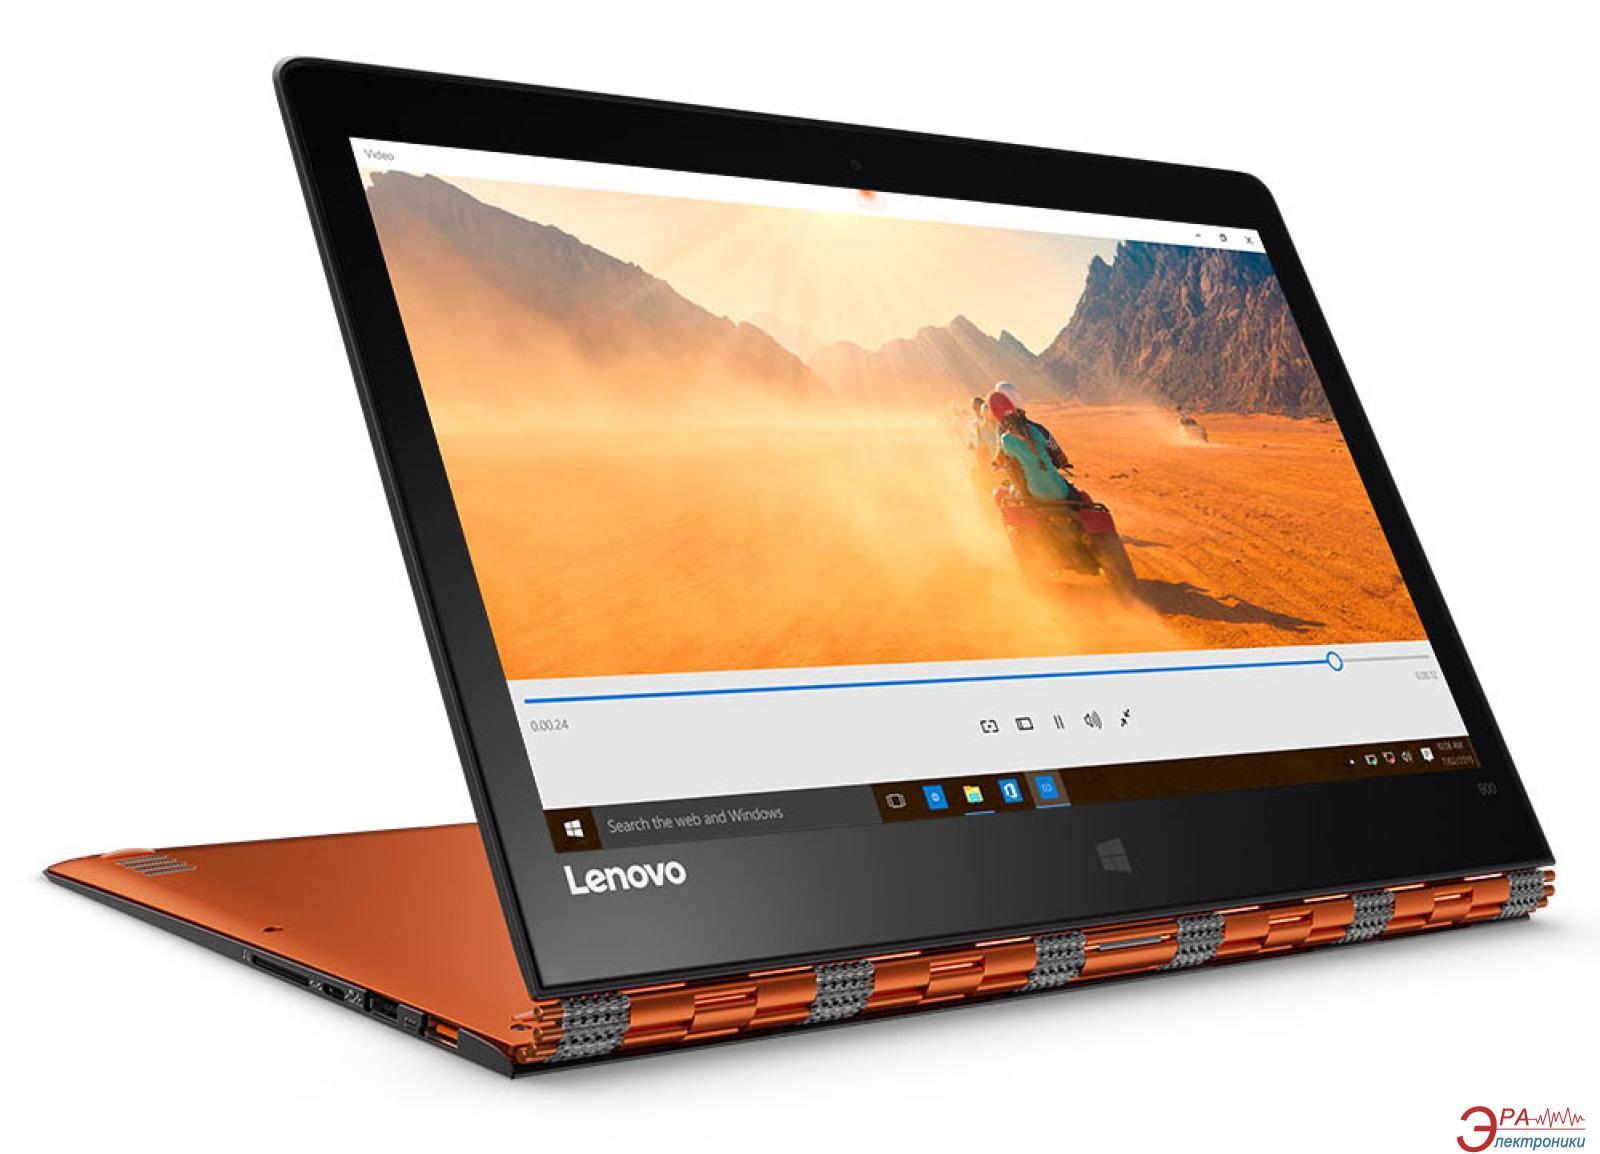 Ноутбук Lenovo Yoga 900 13.3QHD+ (80UE00CEUA) Orange 13,3